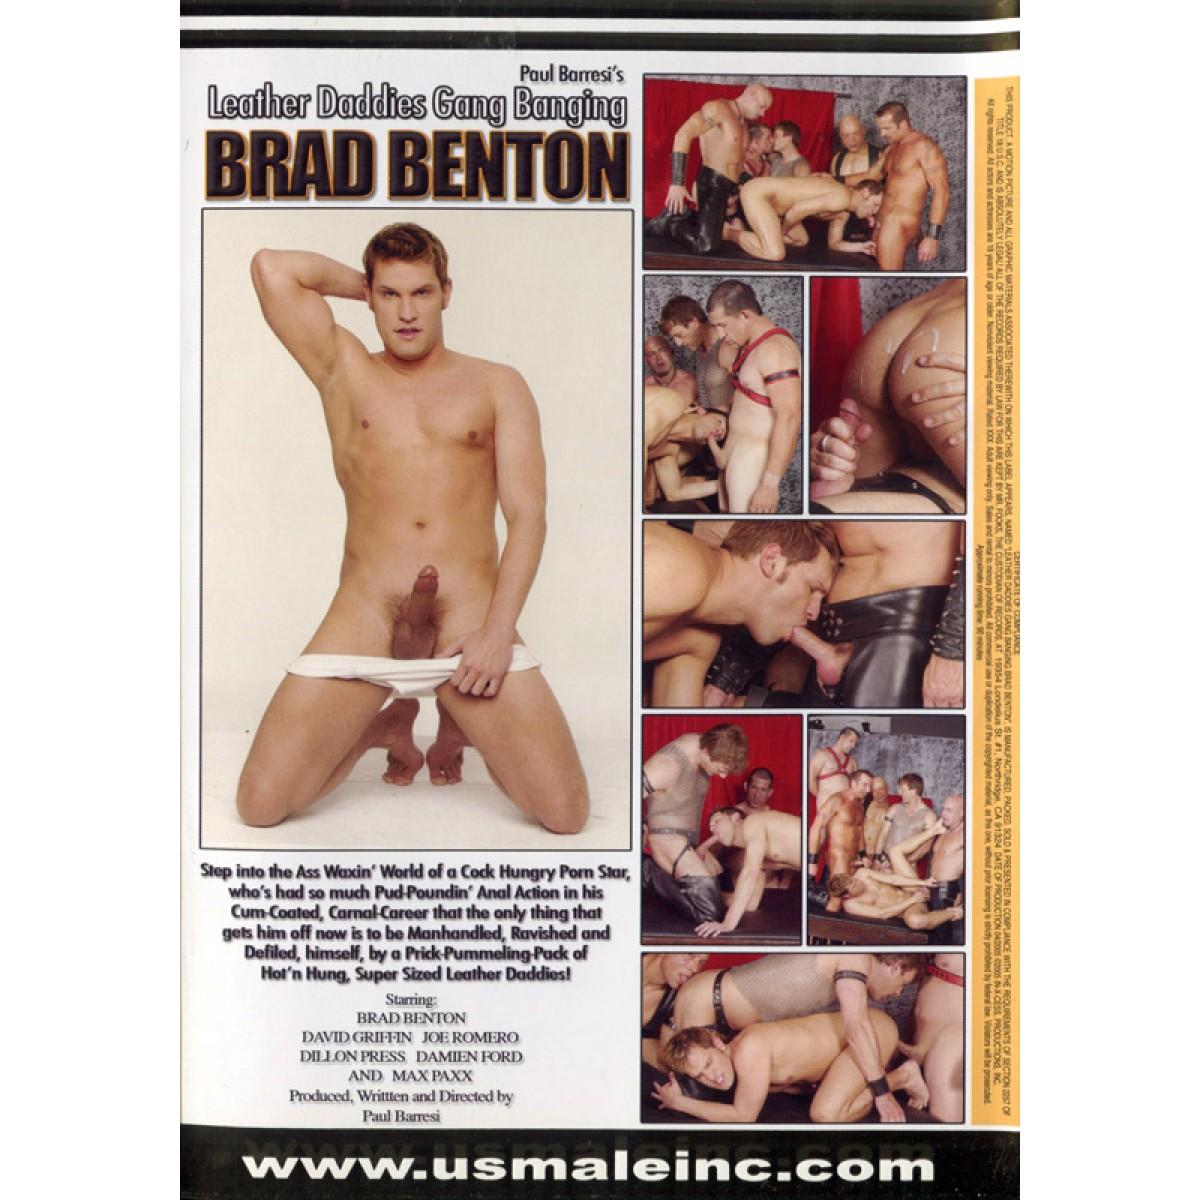 Brad benton slammed